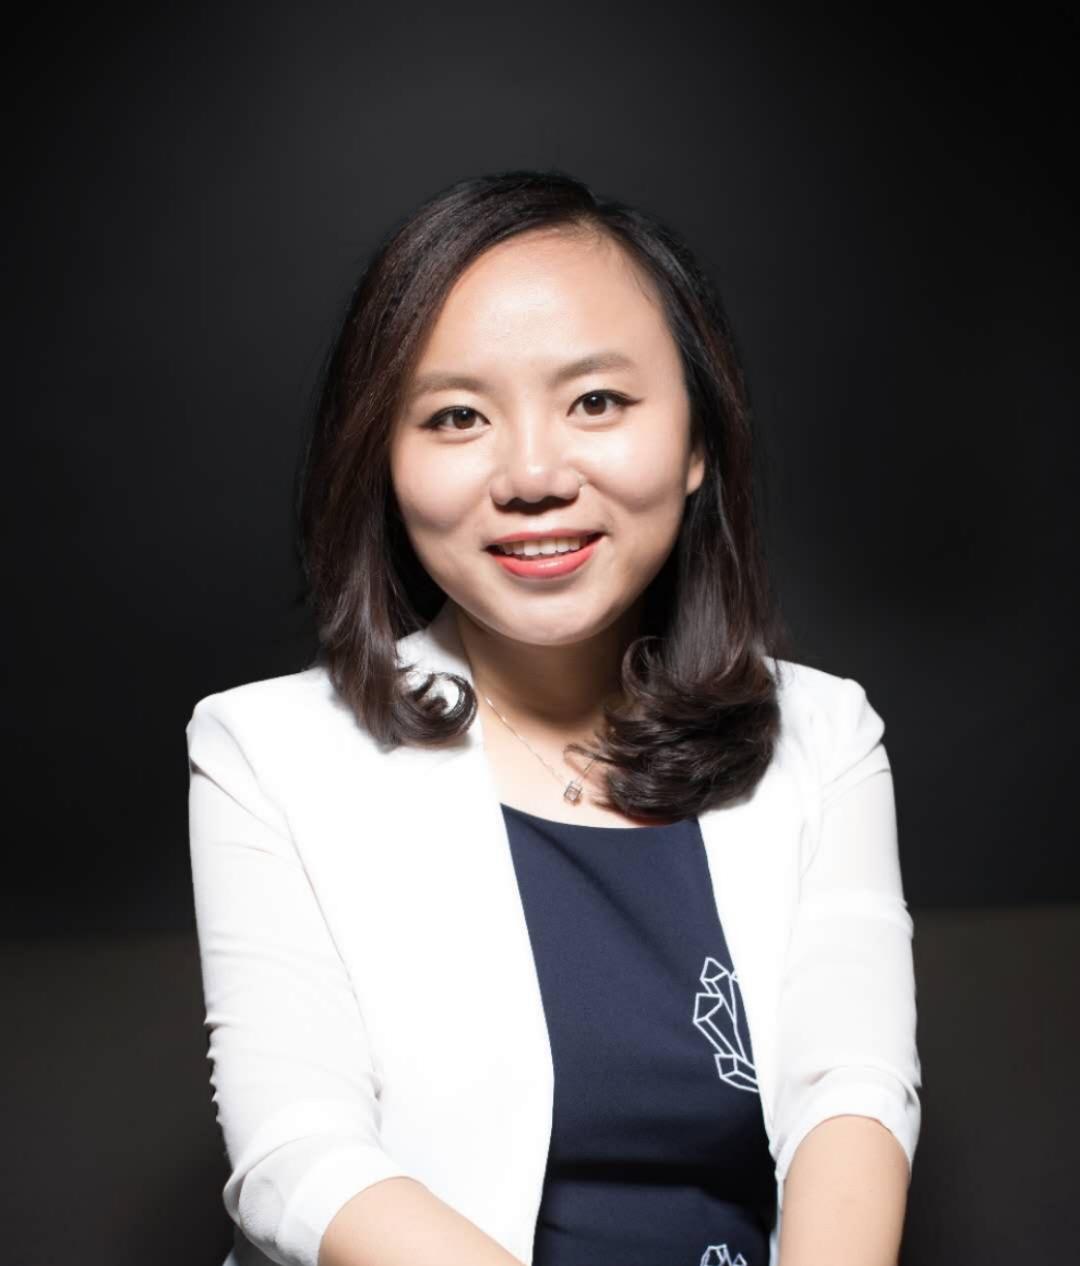 关系品牌事务所创始人李倩照片